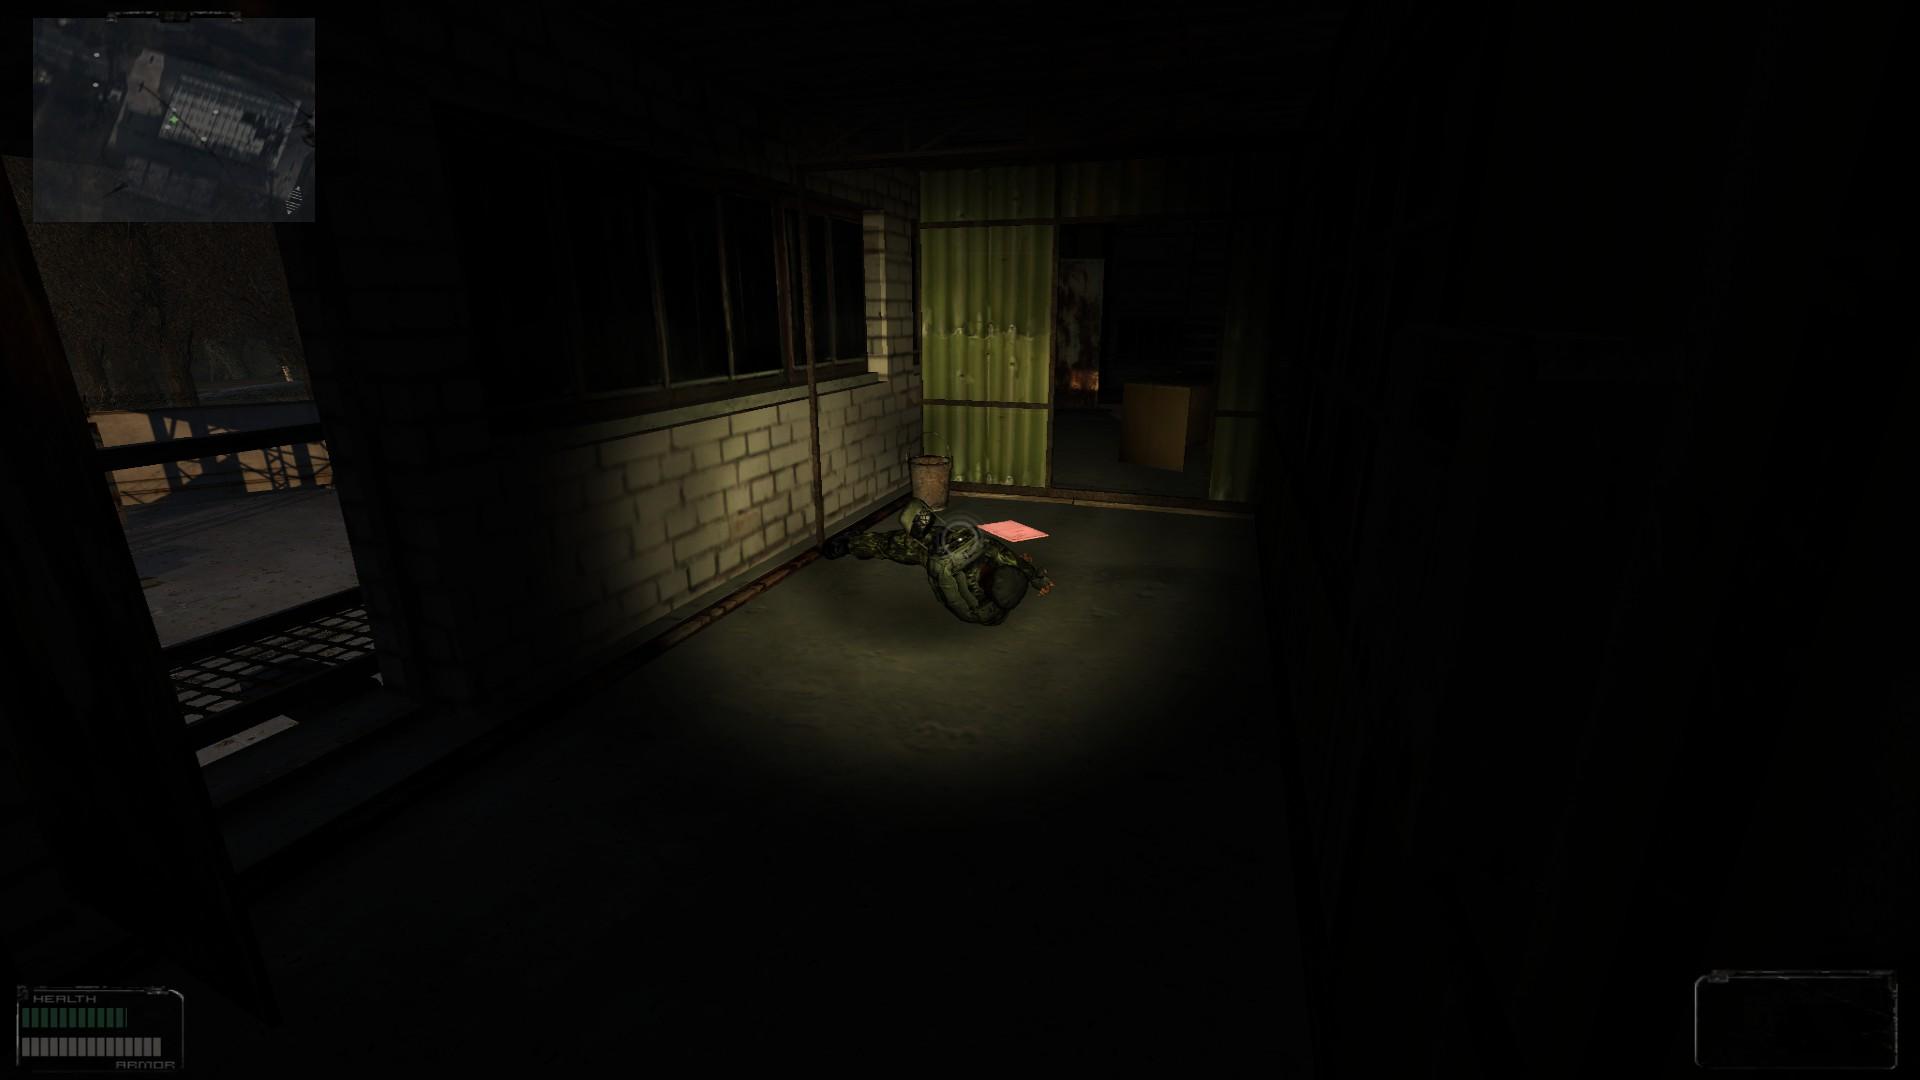 Oblivion Lost Remake 2.5 image 90